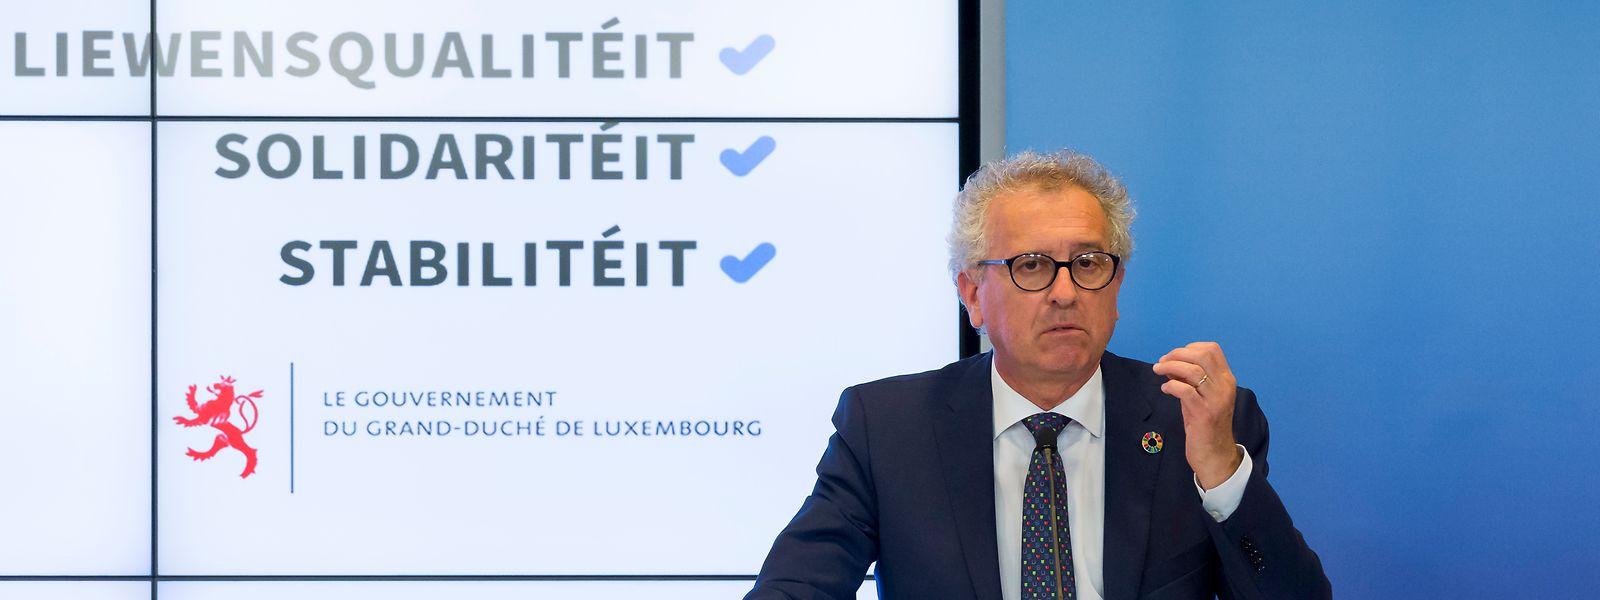 """Pierre Gramegna (DP) n'est pas favorable à l'introduction d'un """"impôt corona"""" contrairement à son collègue de gouvernement, Dan Kersch (LSAP)."""